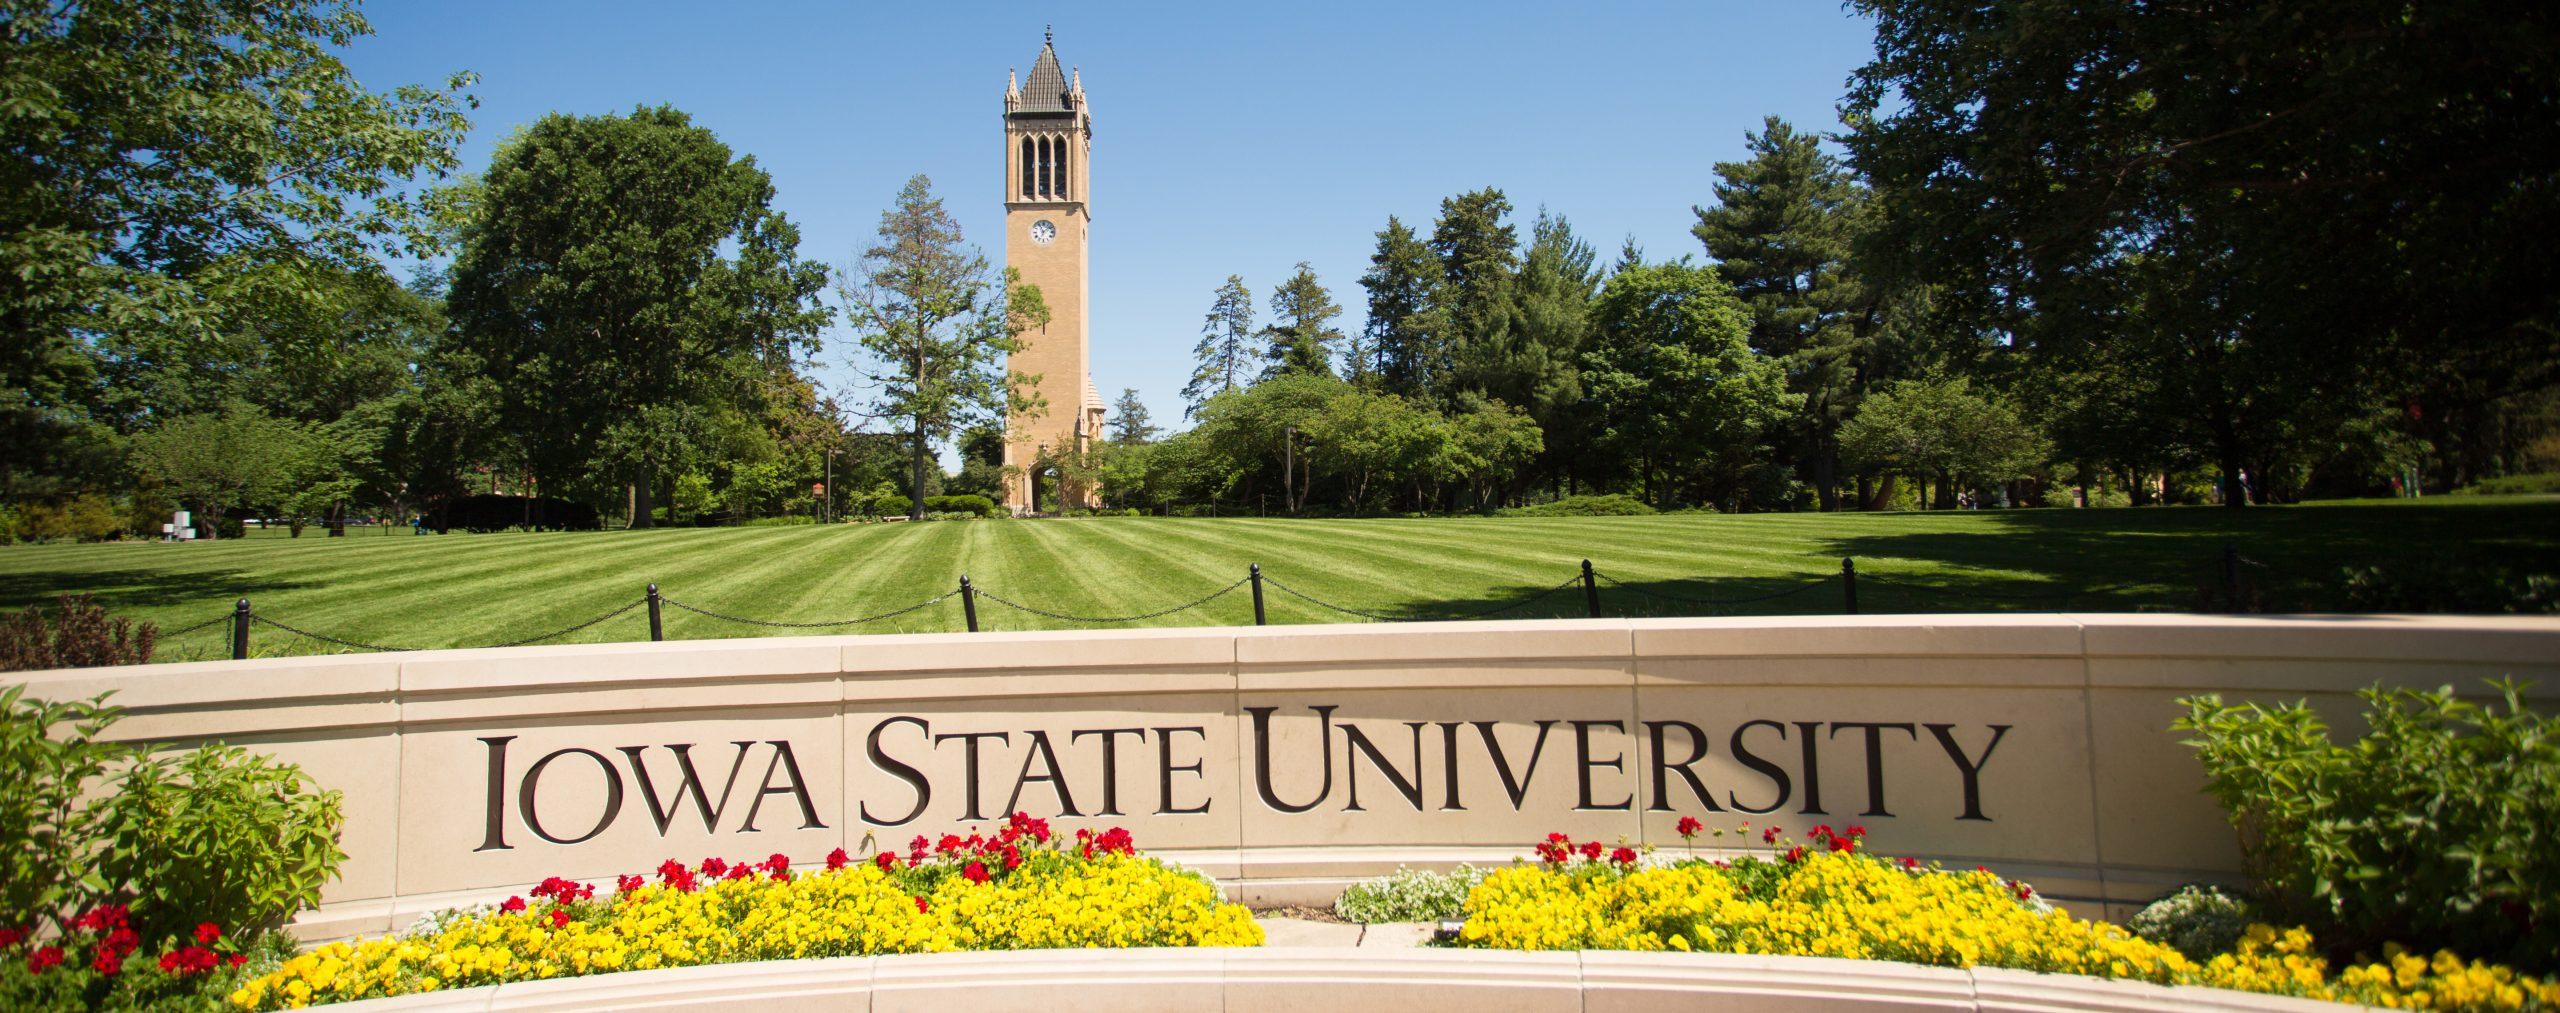 أفضل الكليات في ولاية أيوا - ترتيب 2022